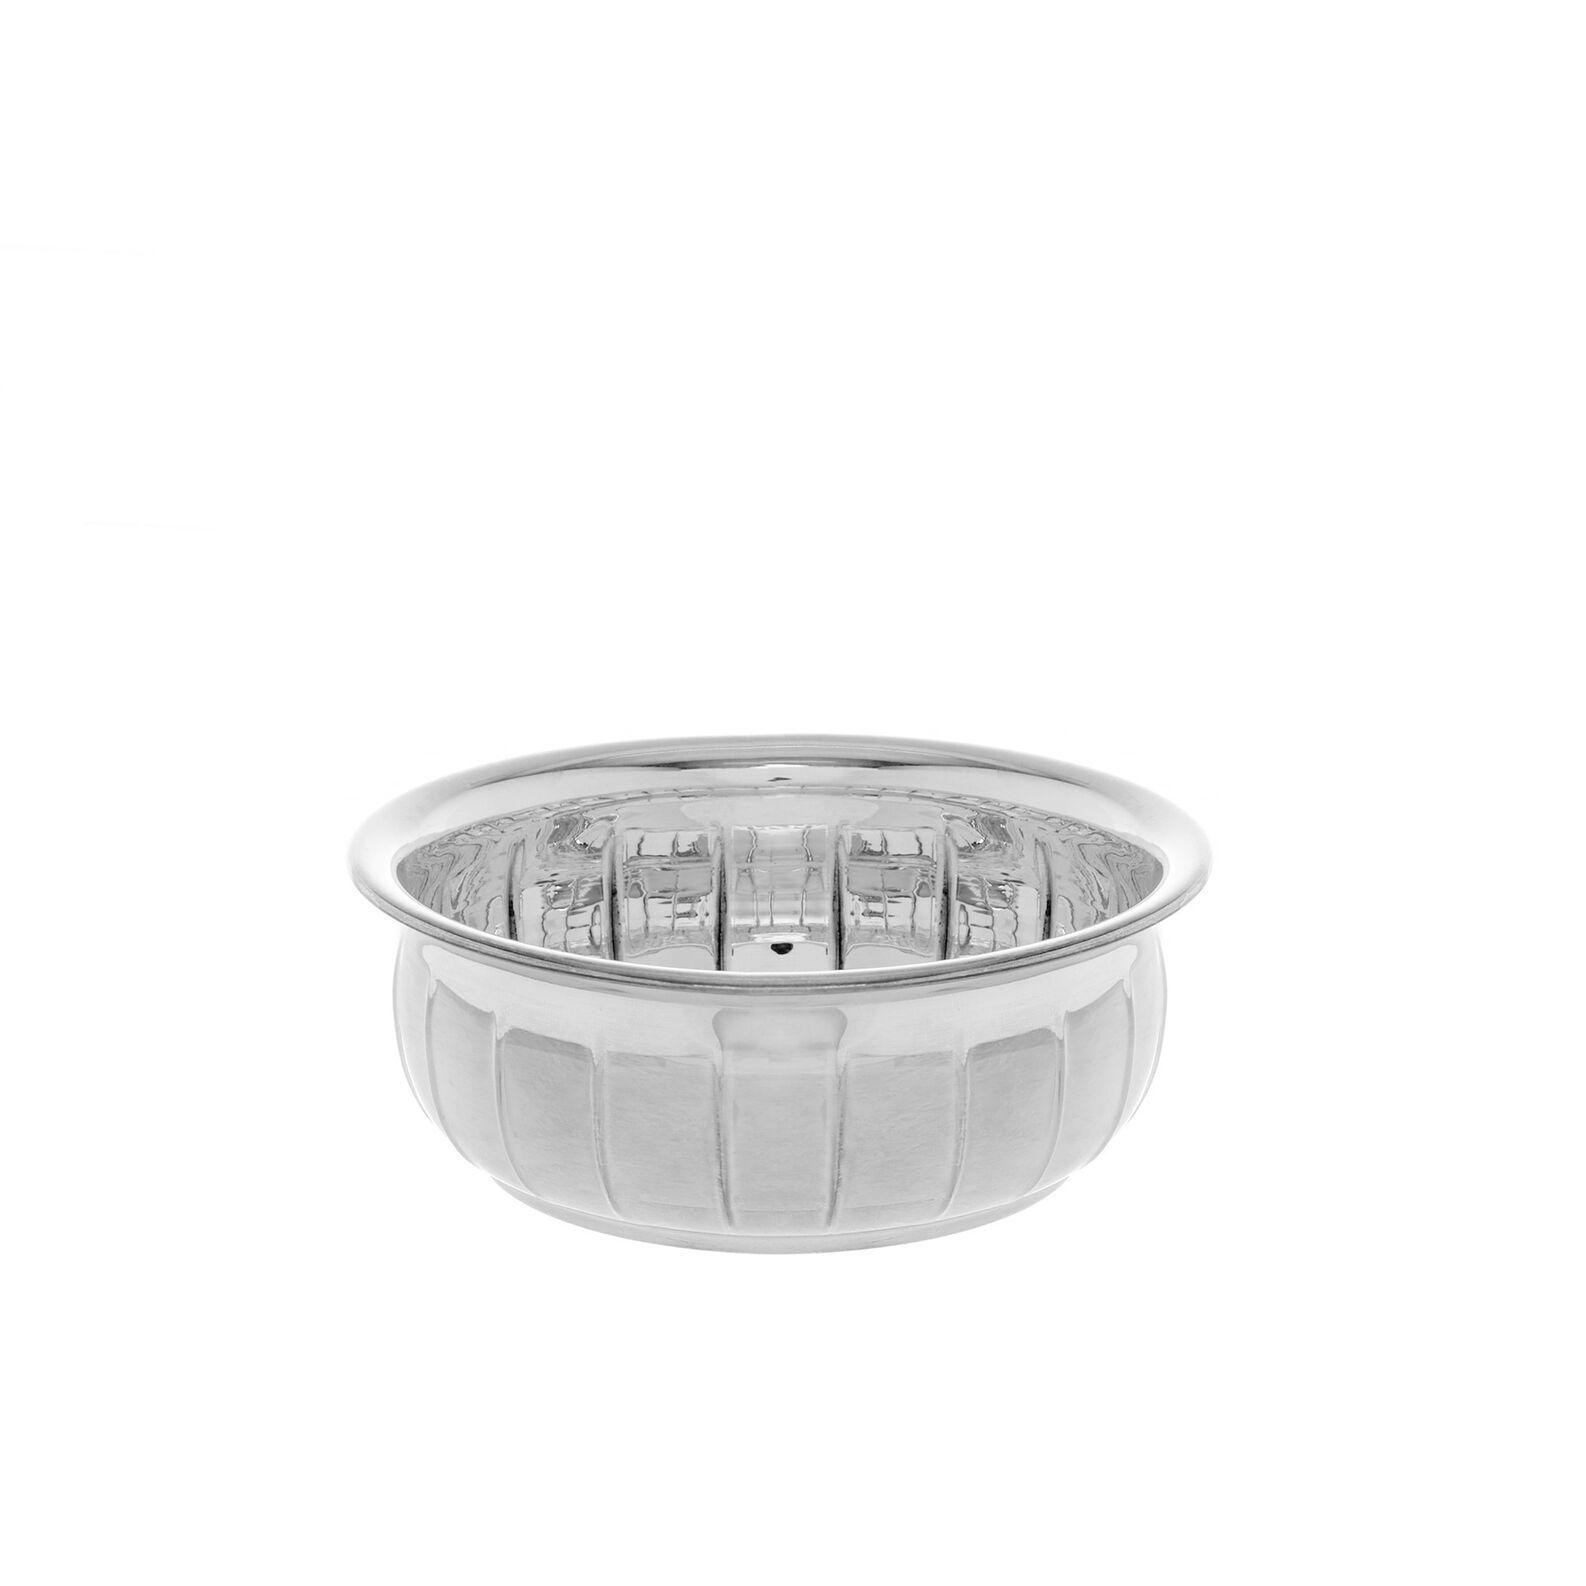 Coppetta silver plated